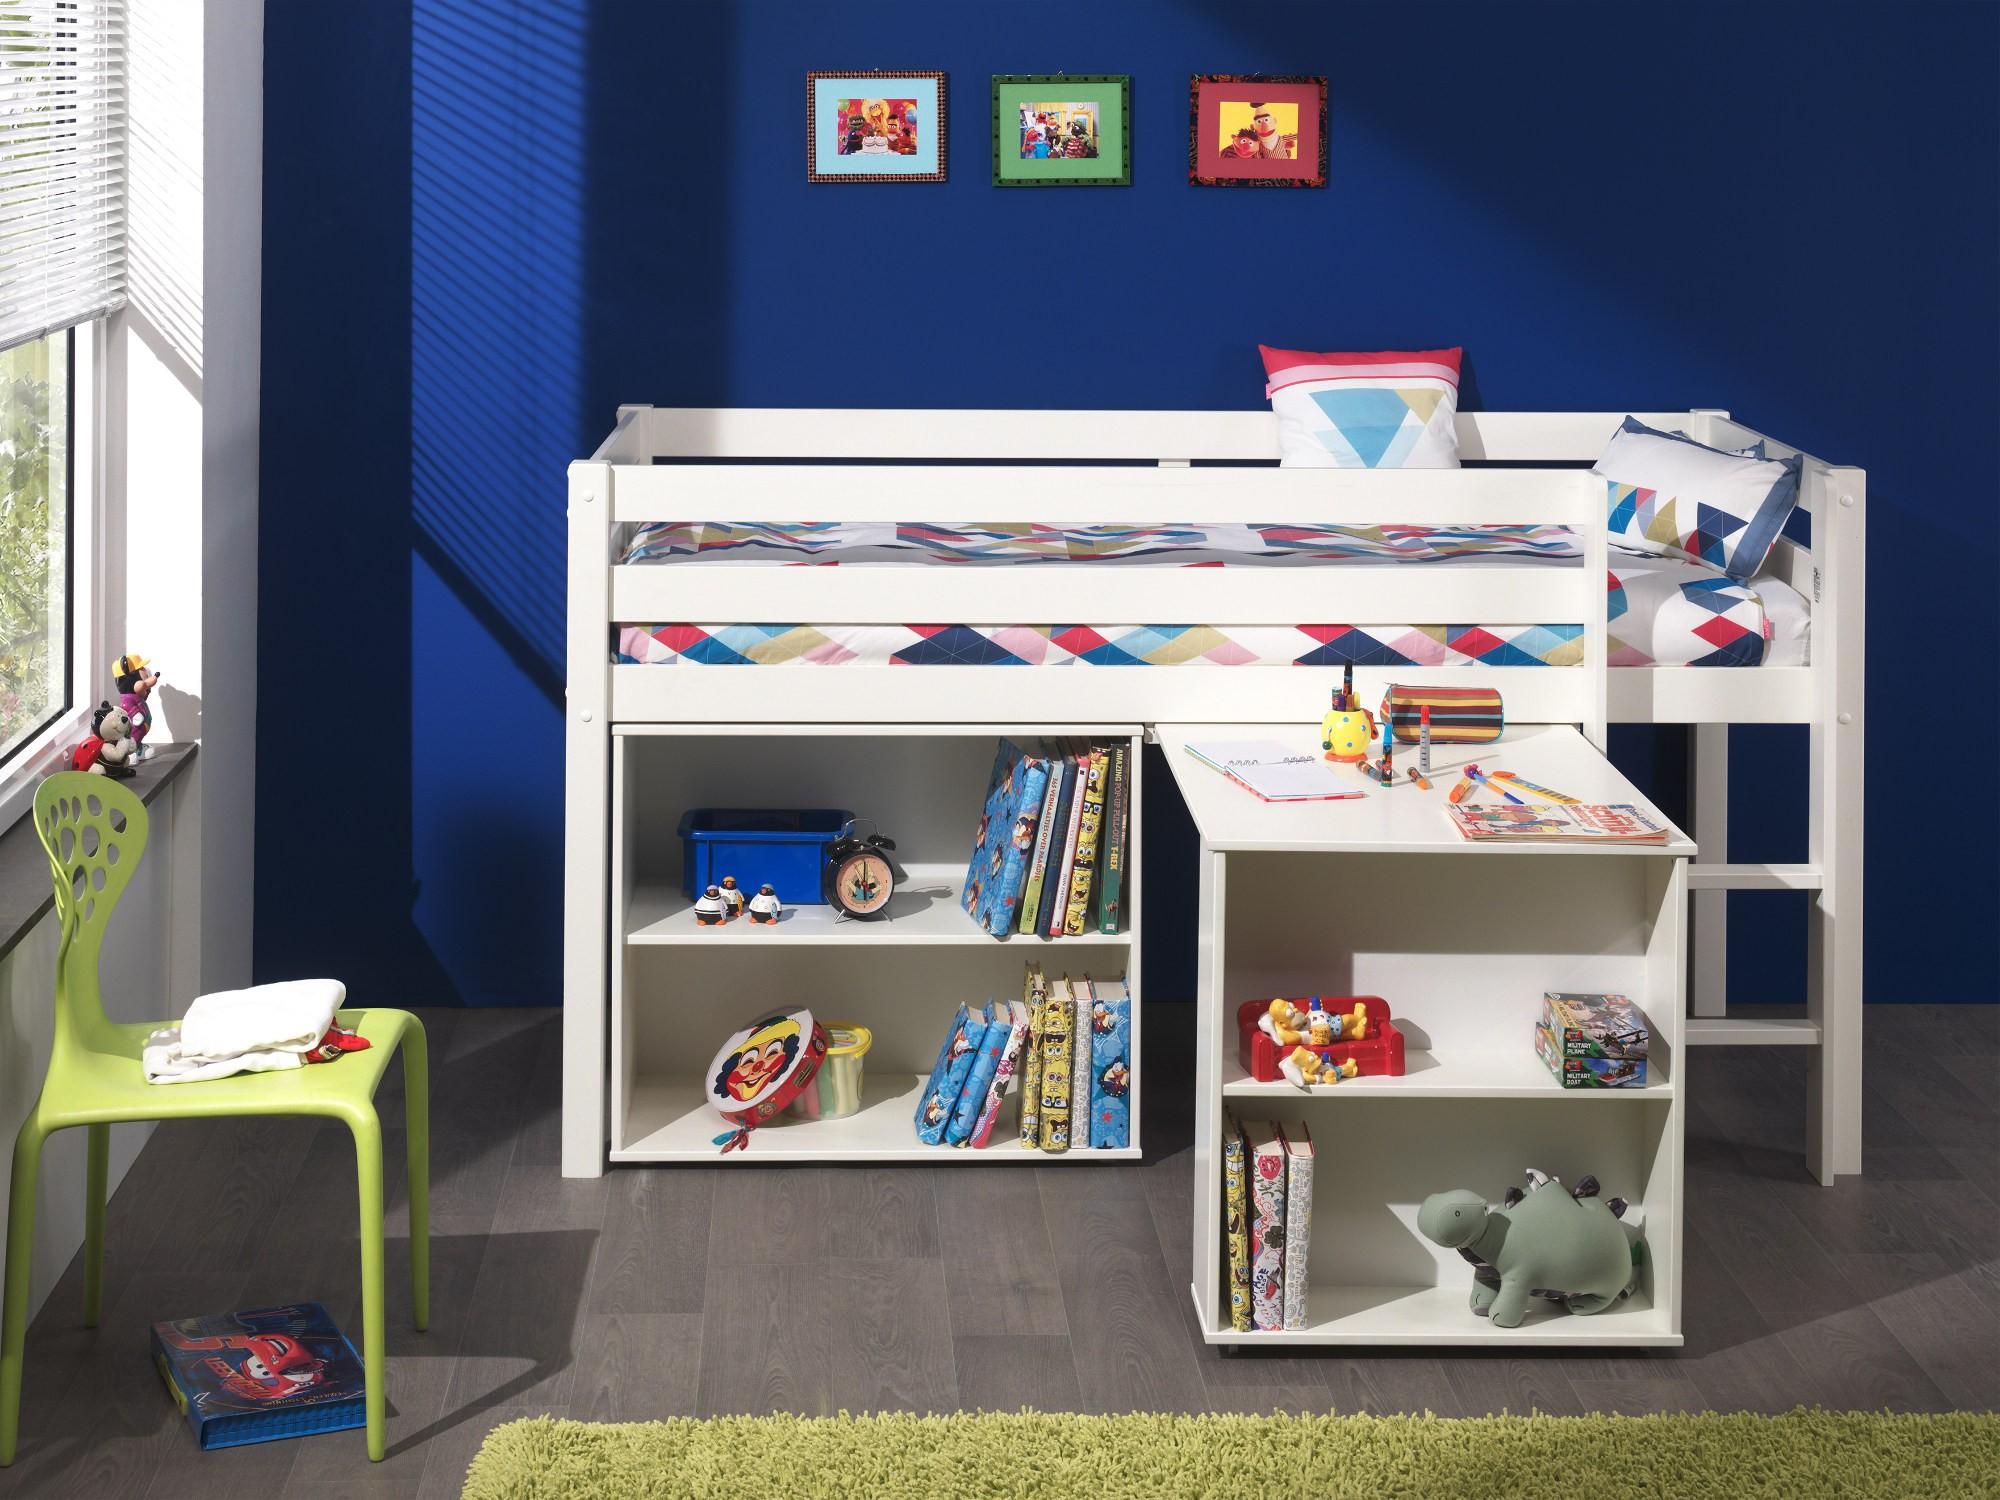 Etagenbett Kinder Spielbett : Spielbett cm trecker grün beige hochbett lilokids weiß